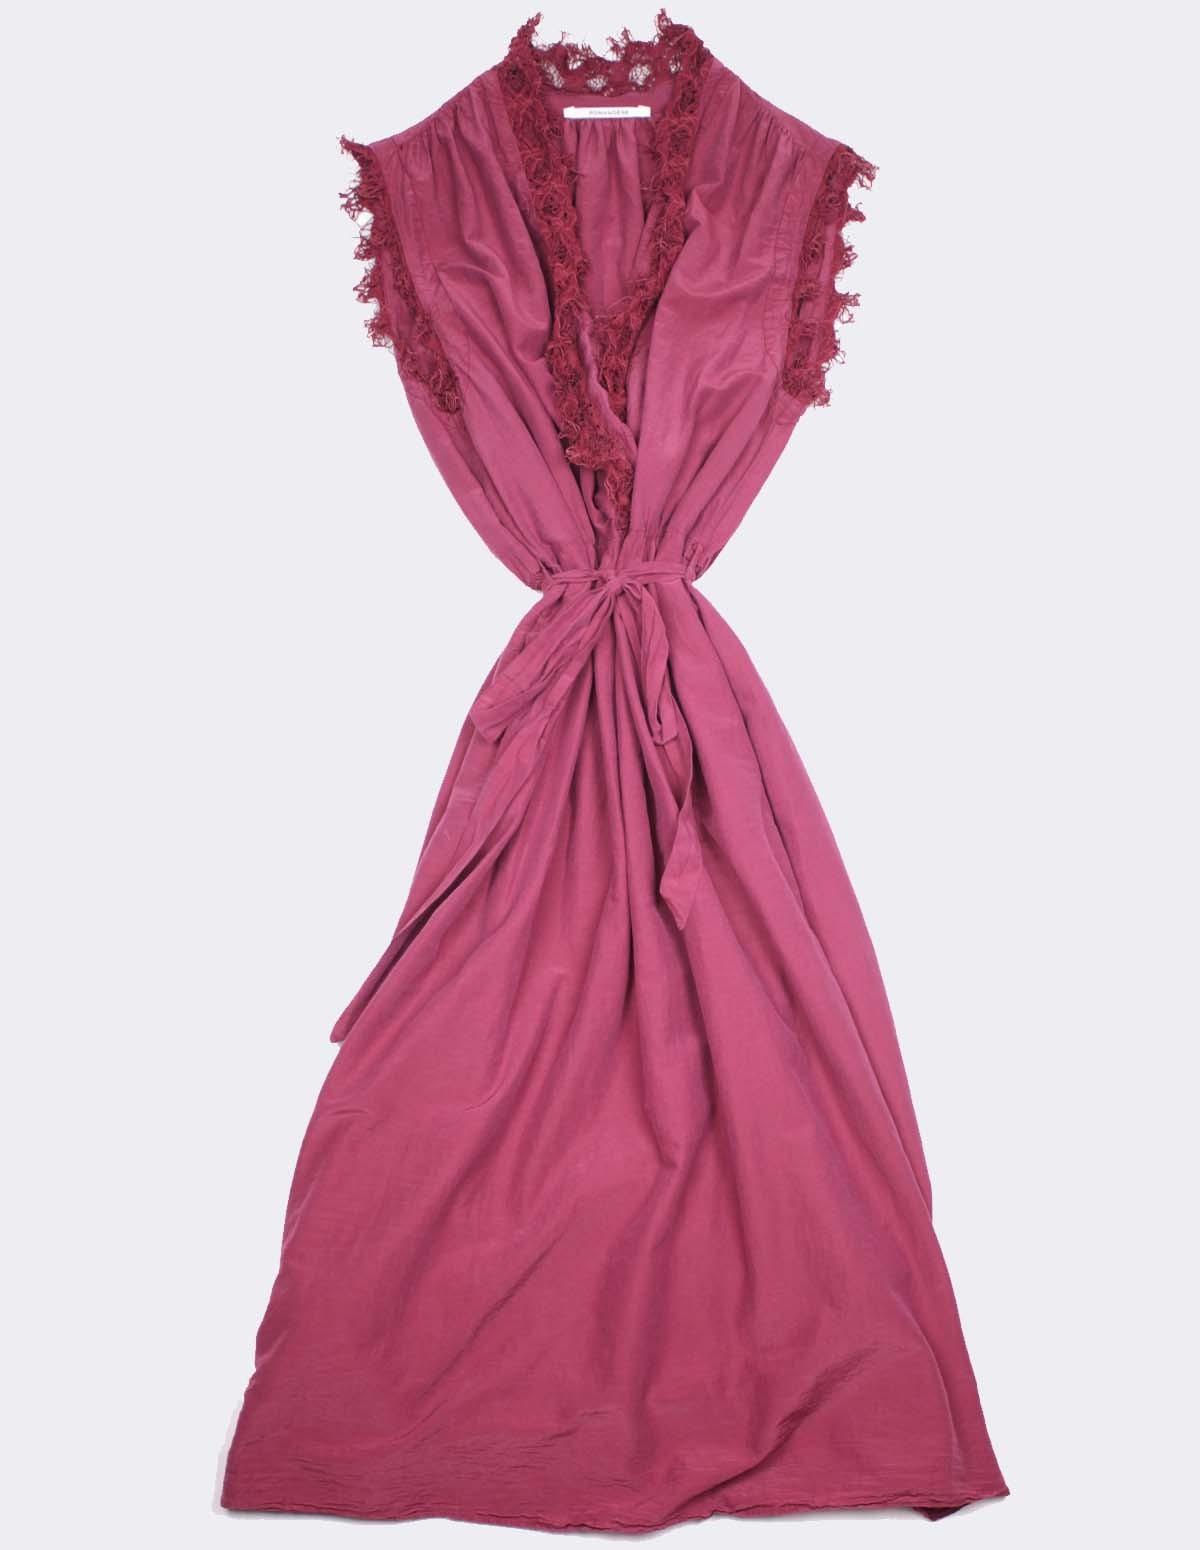 Pom 3193p/20655 Dress - MAGENTA